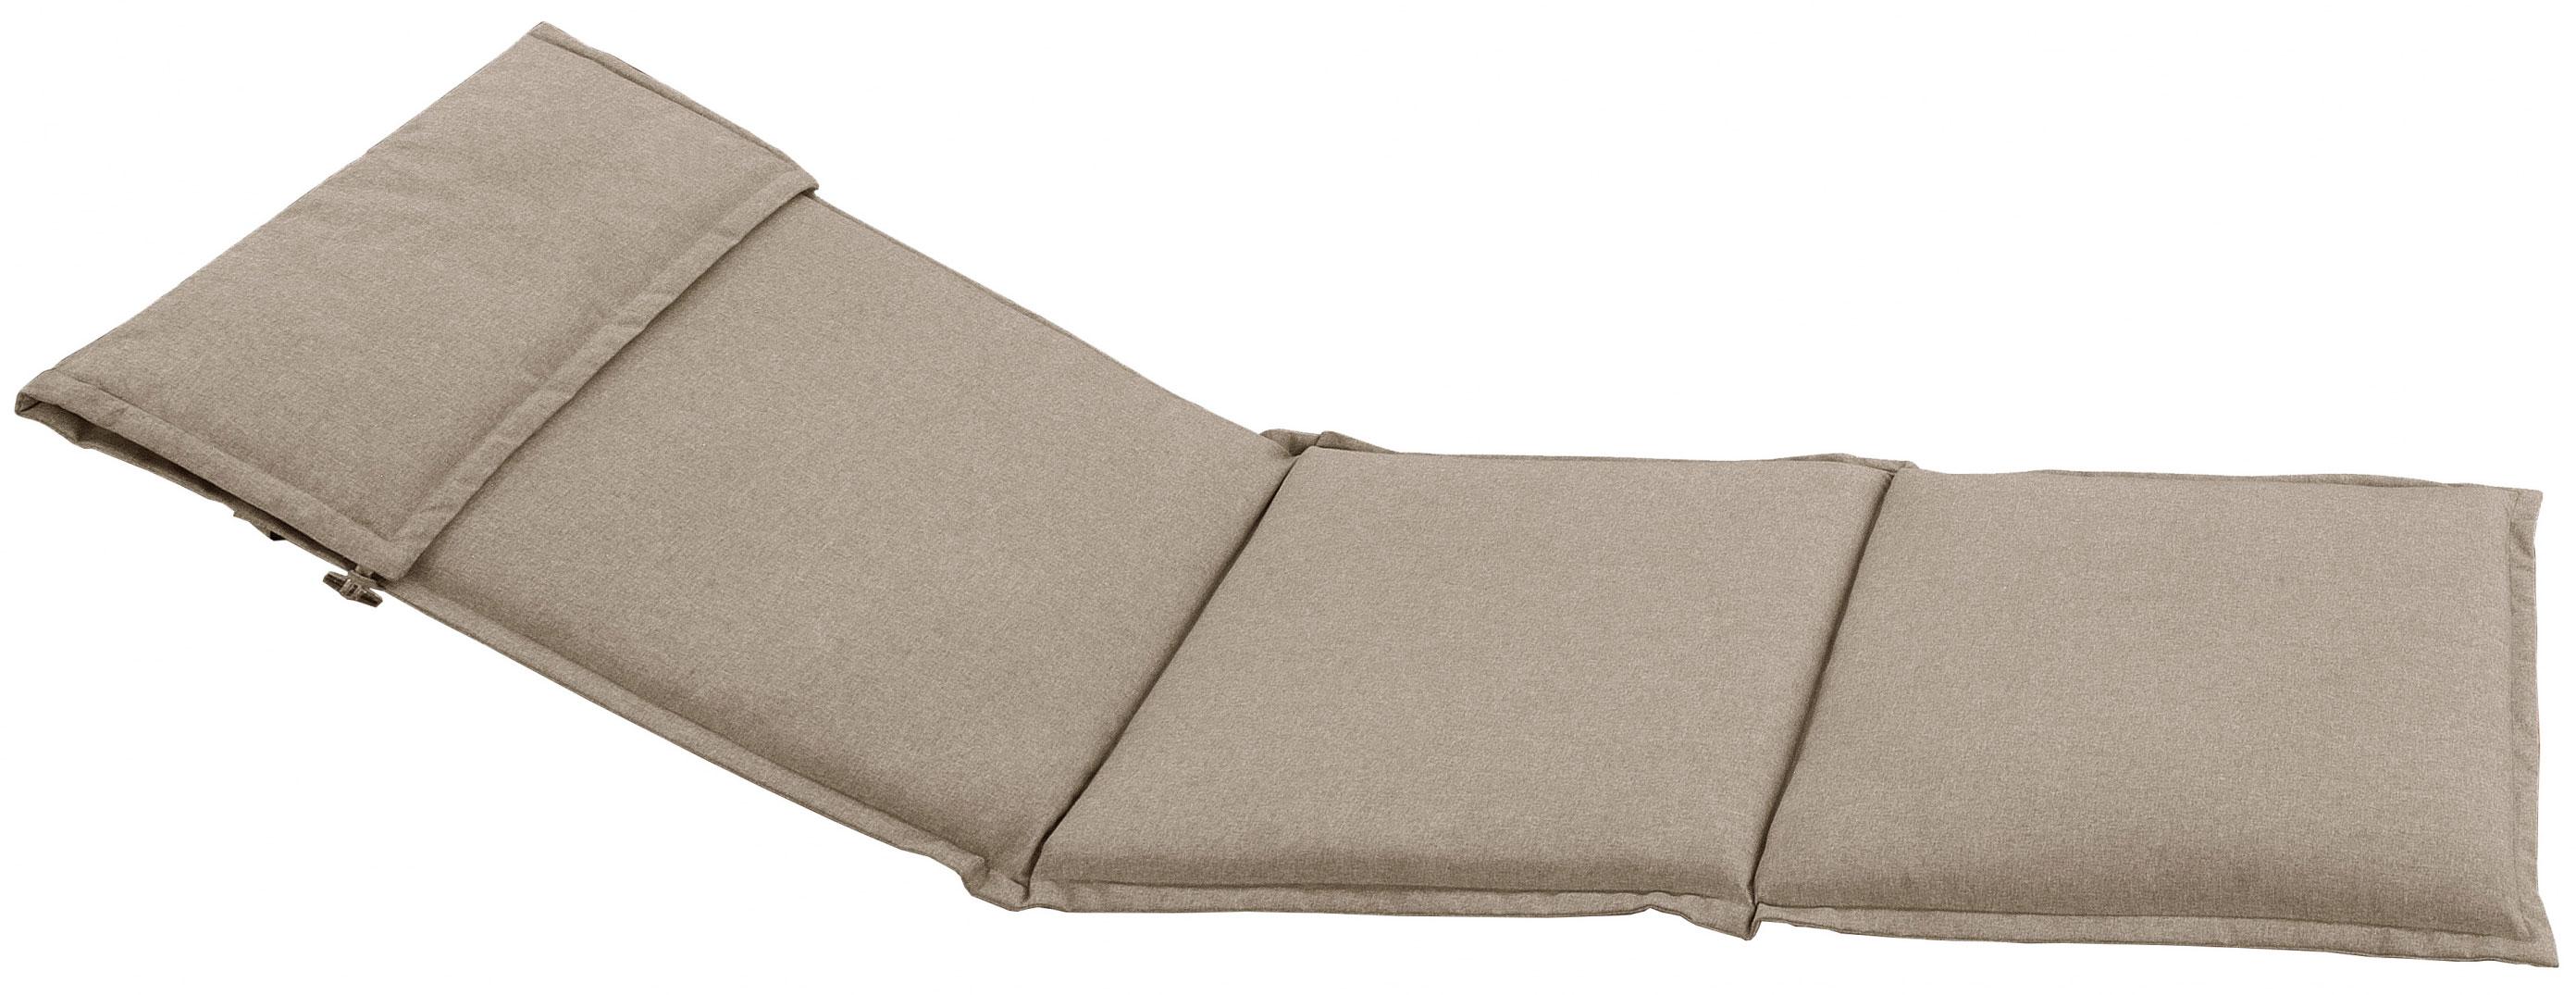 Cuscino per lettino prendisole 196x58 cm con volant SABBIA